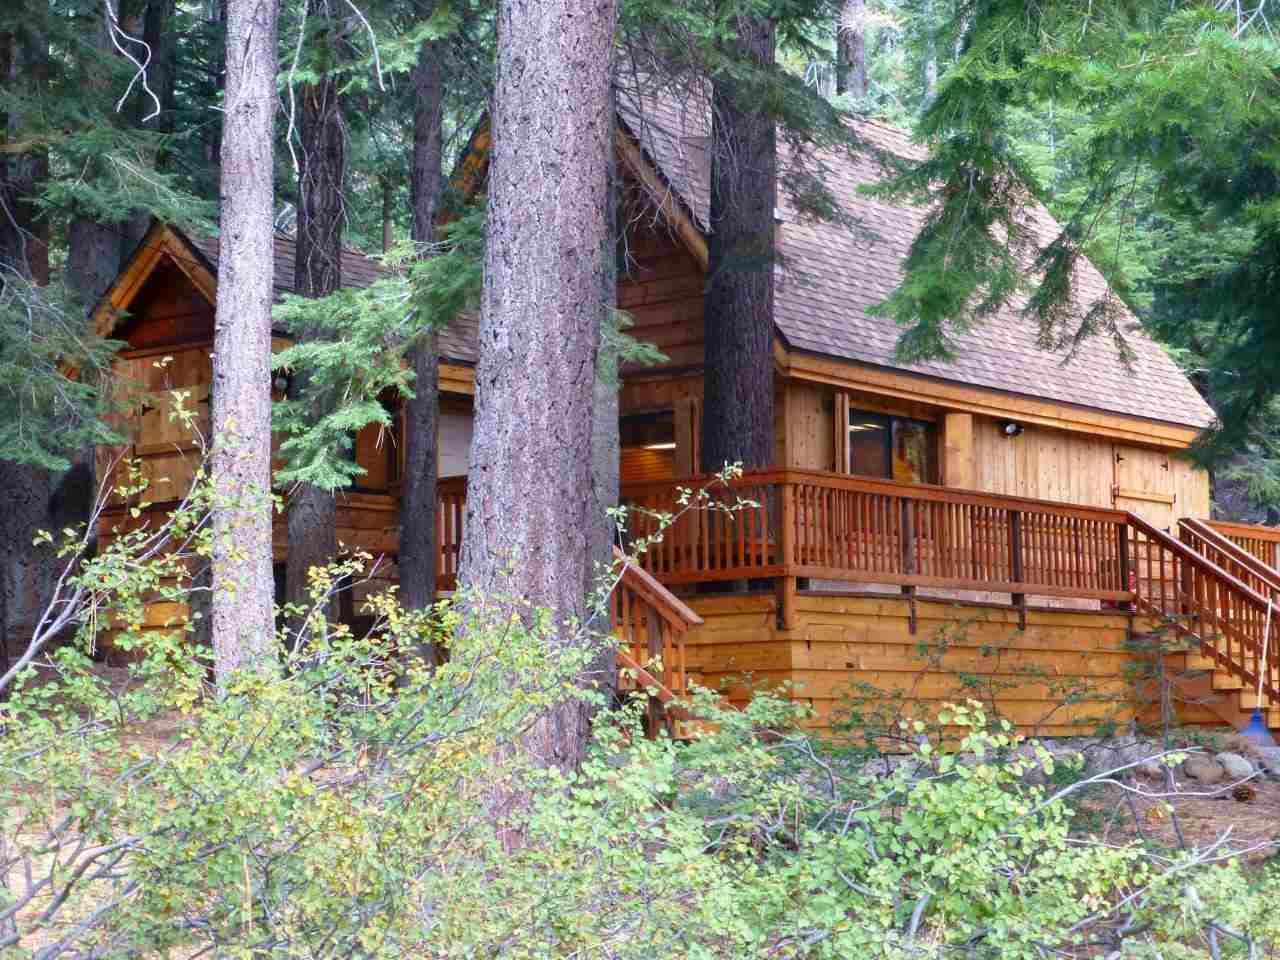 独户住宅 为 销售 在 910 Ward Creek Blvd 910 Ward Creek Blvd 塔霍湖城, 加利福尼亚州 96145 美国